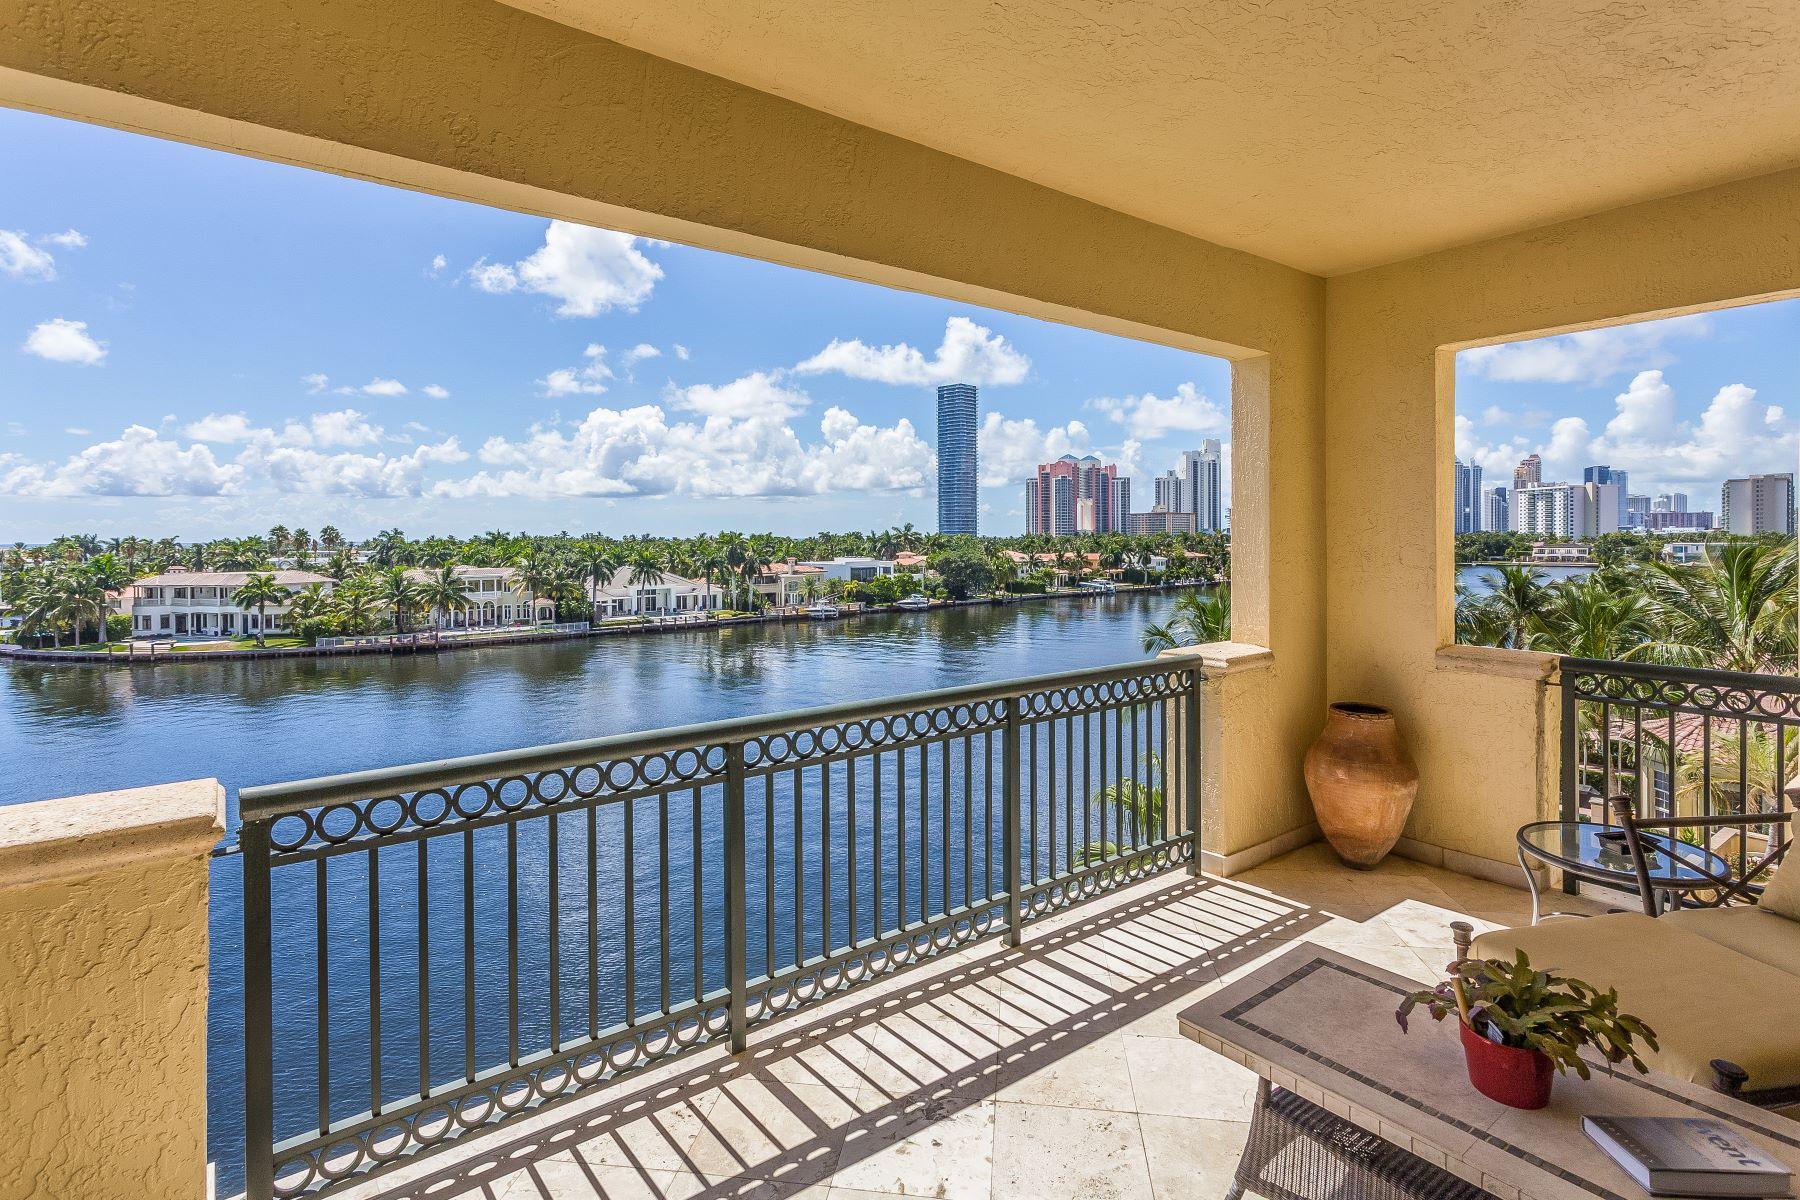 Condominium for Rent at 20165 Ne 39th Pl #503 20165Ne 39th Pl 503 Aventura, Florida 33180 United States